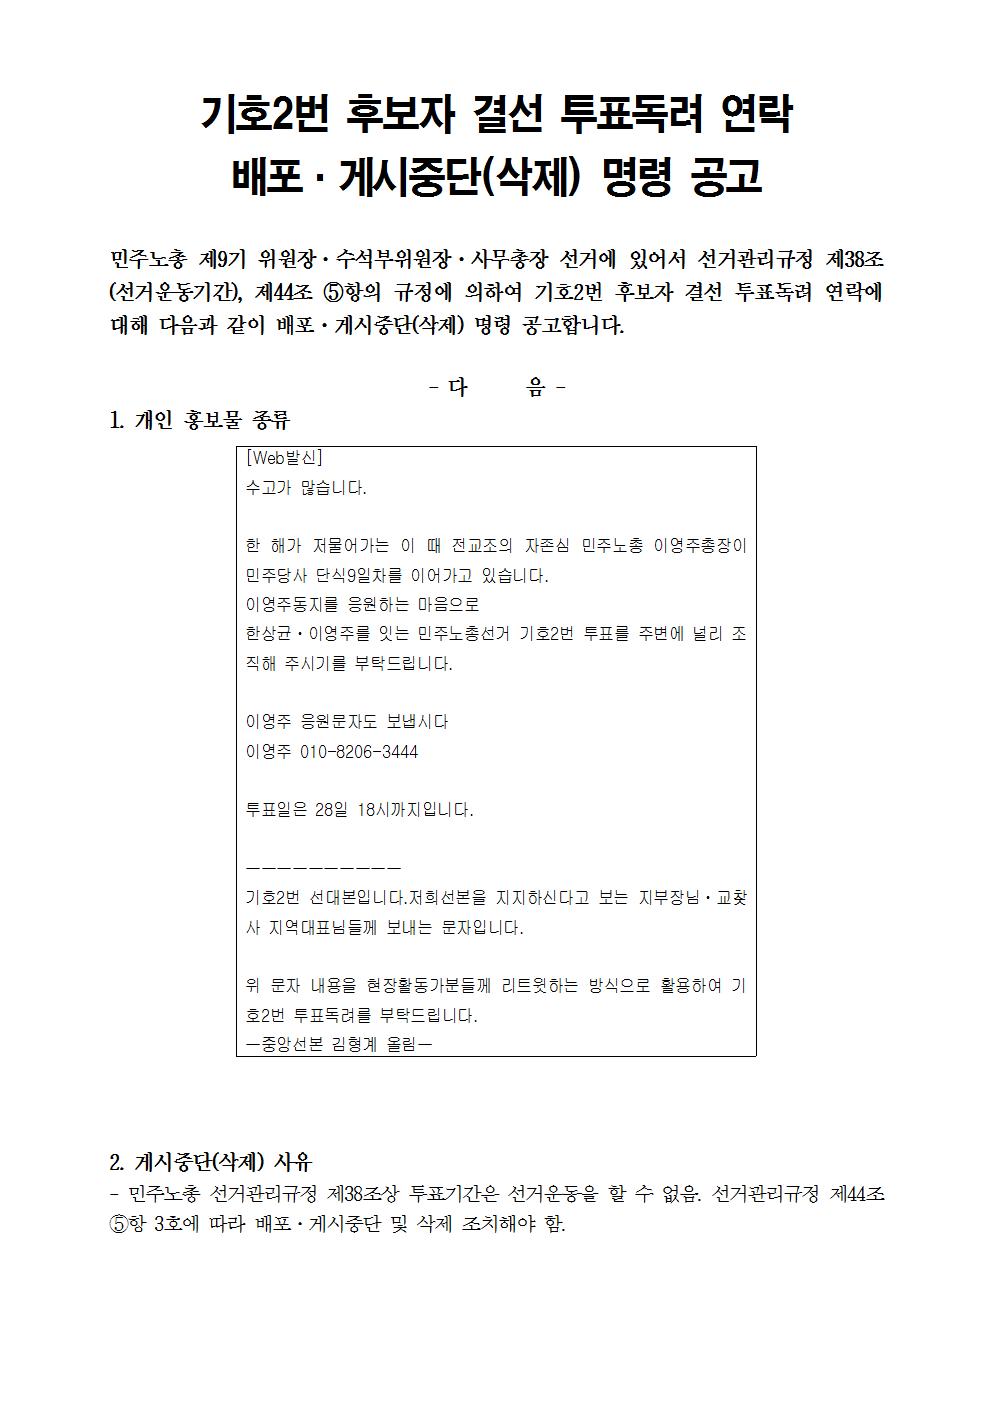 기호2번 후보자 결선 투표독려 연락 배포·게시중단(삭제) 명령 공고001.png